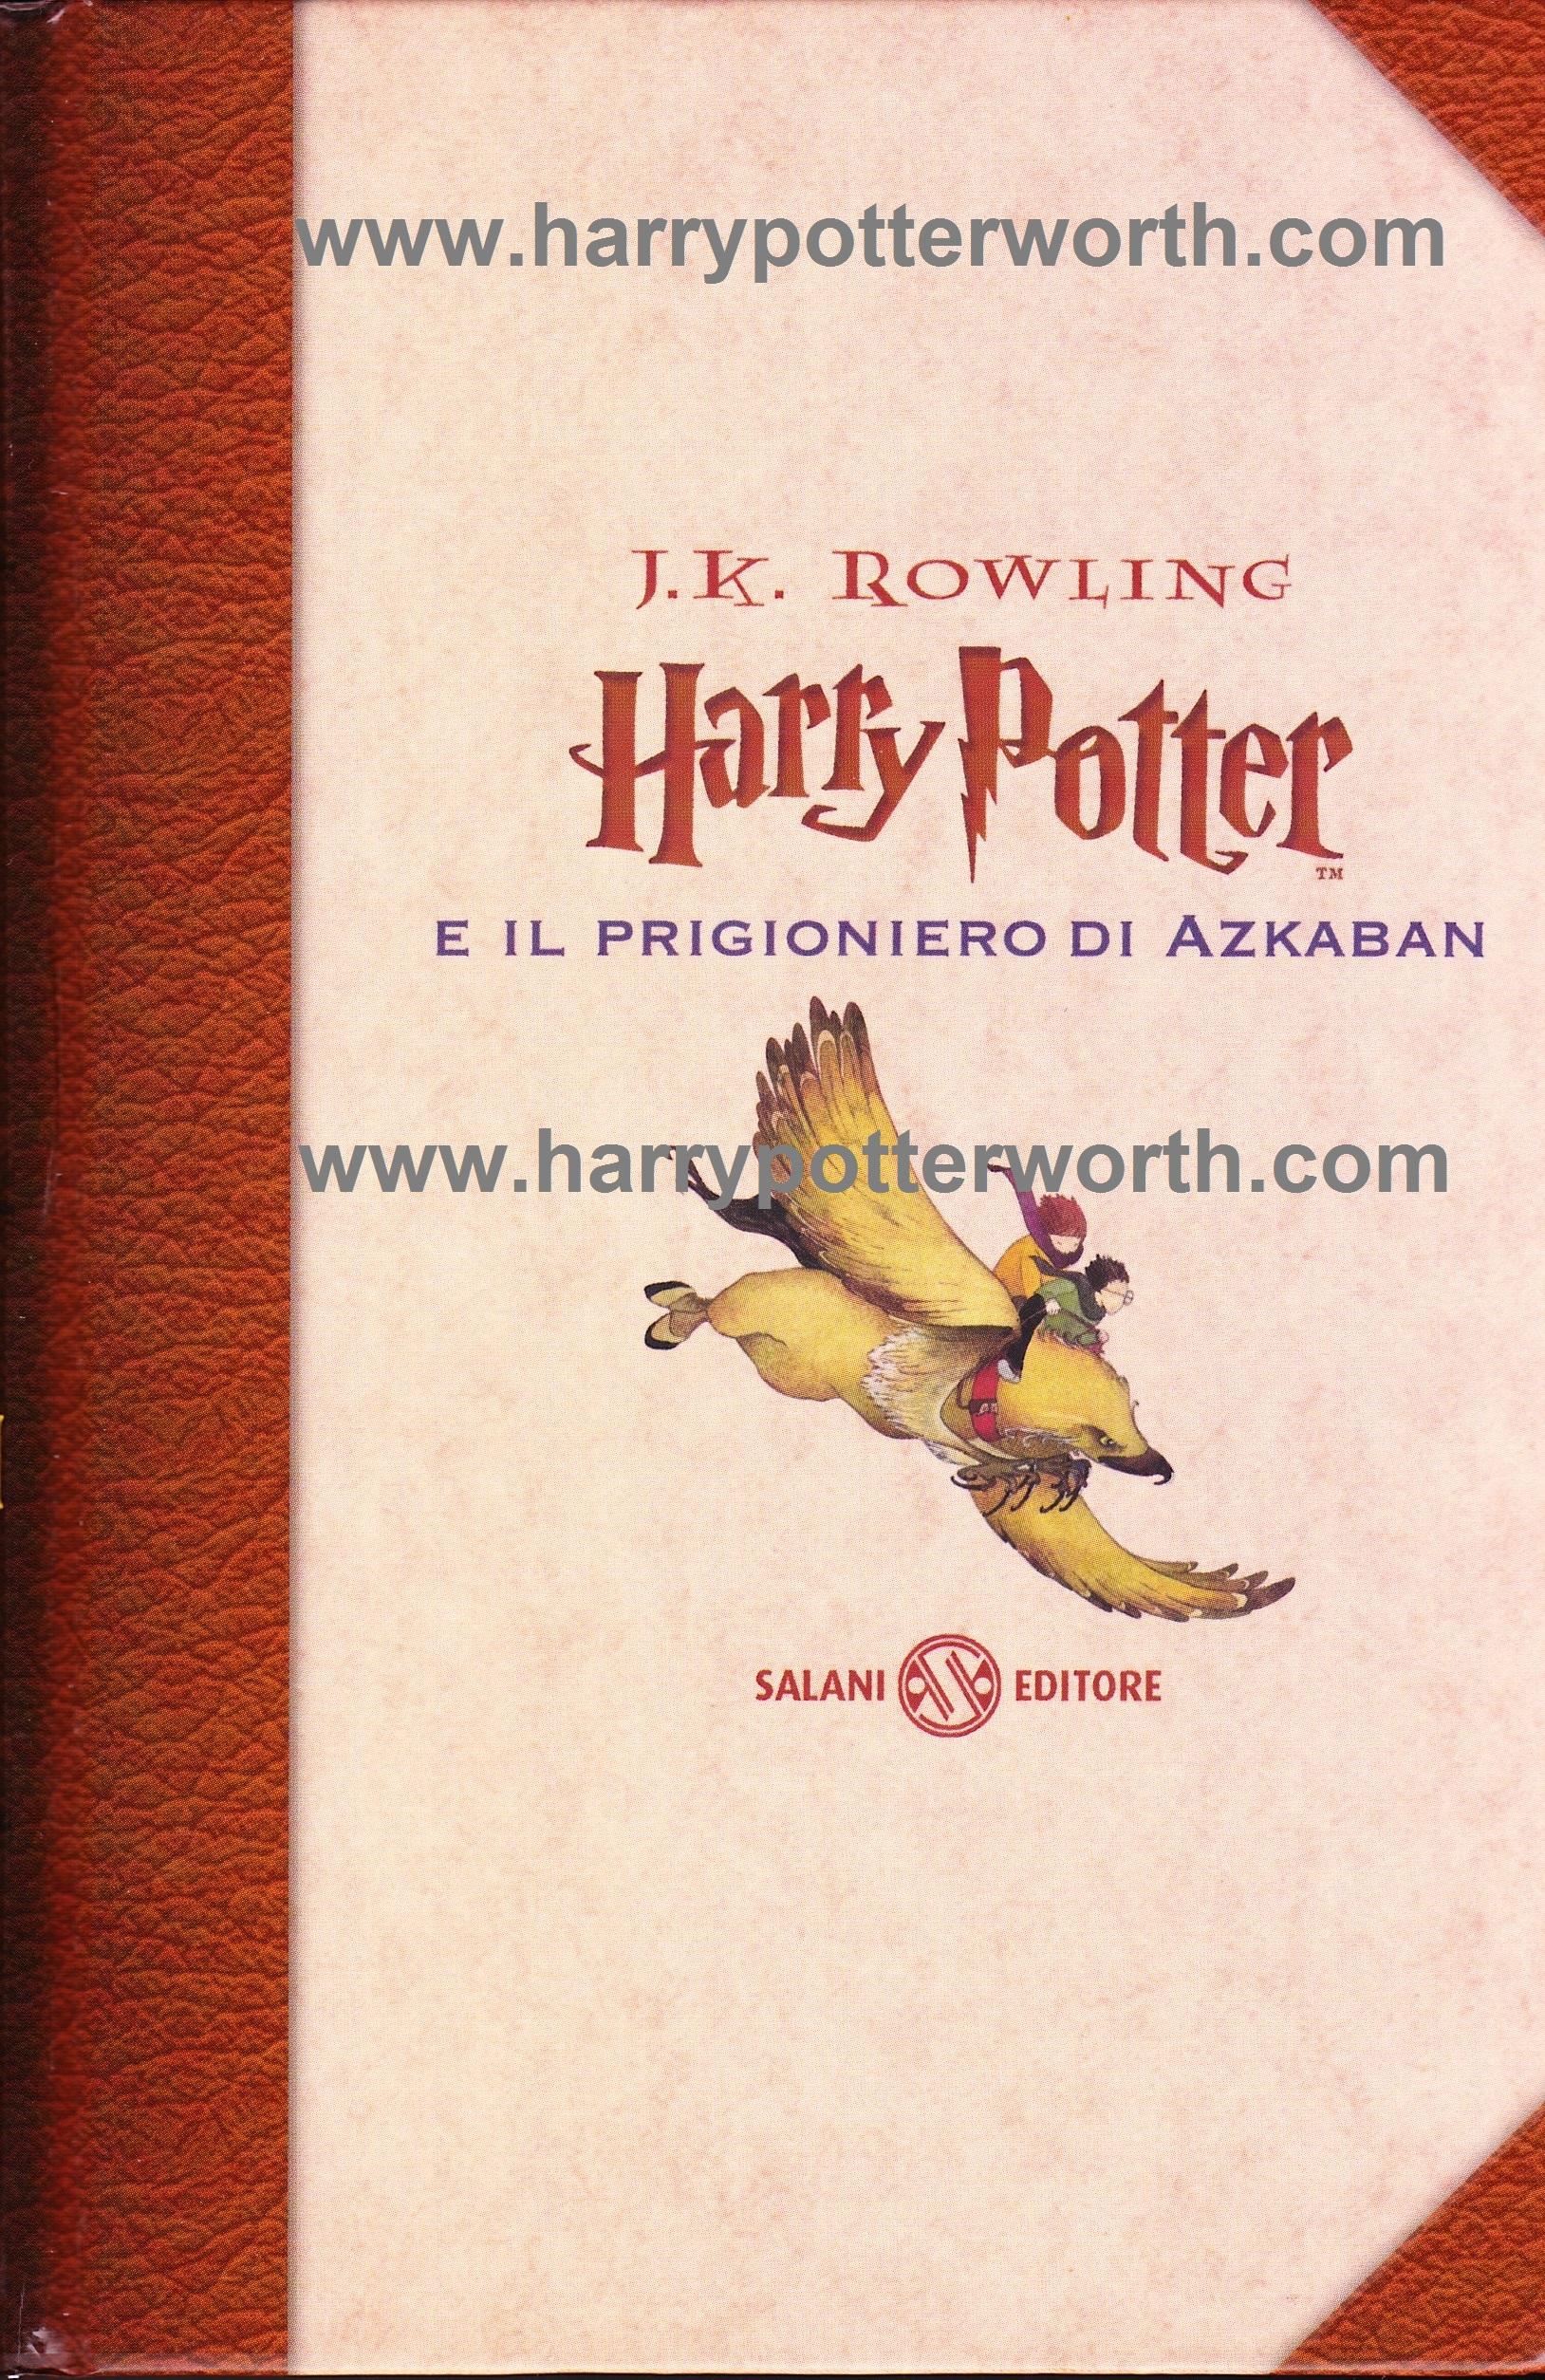 Harry Potter e il Prigioniero di Azkaban Edizione Motto Hogwarts 2007 - Fronte